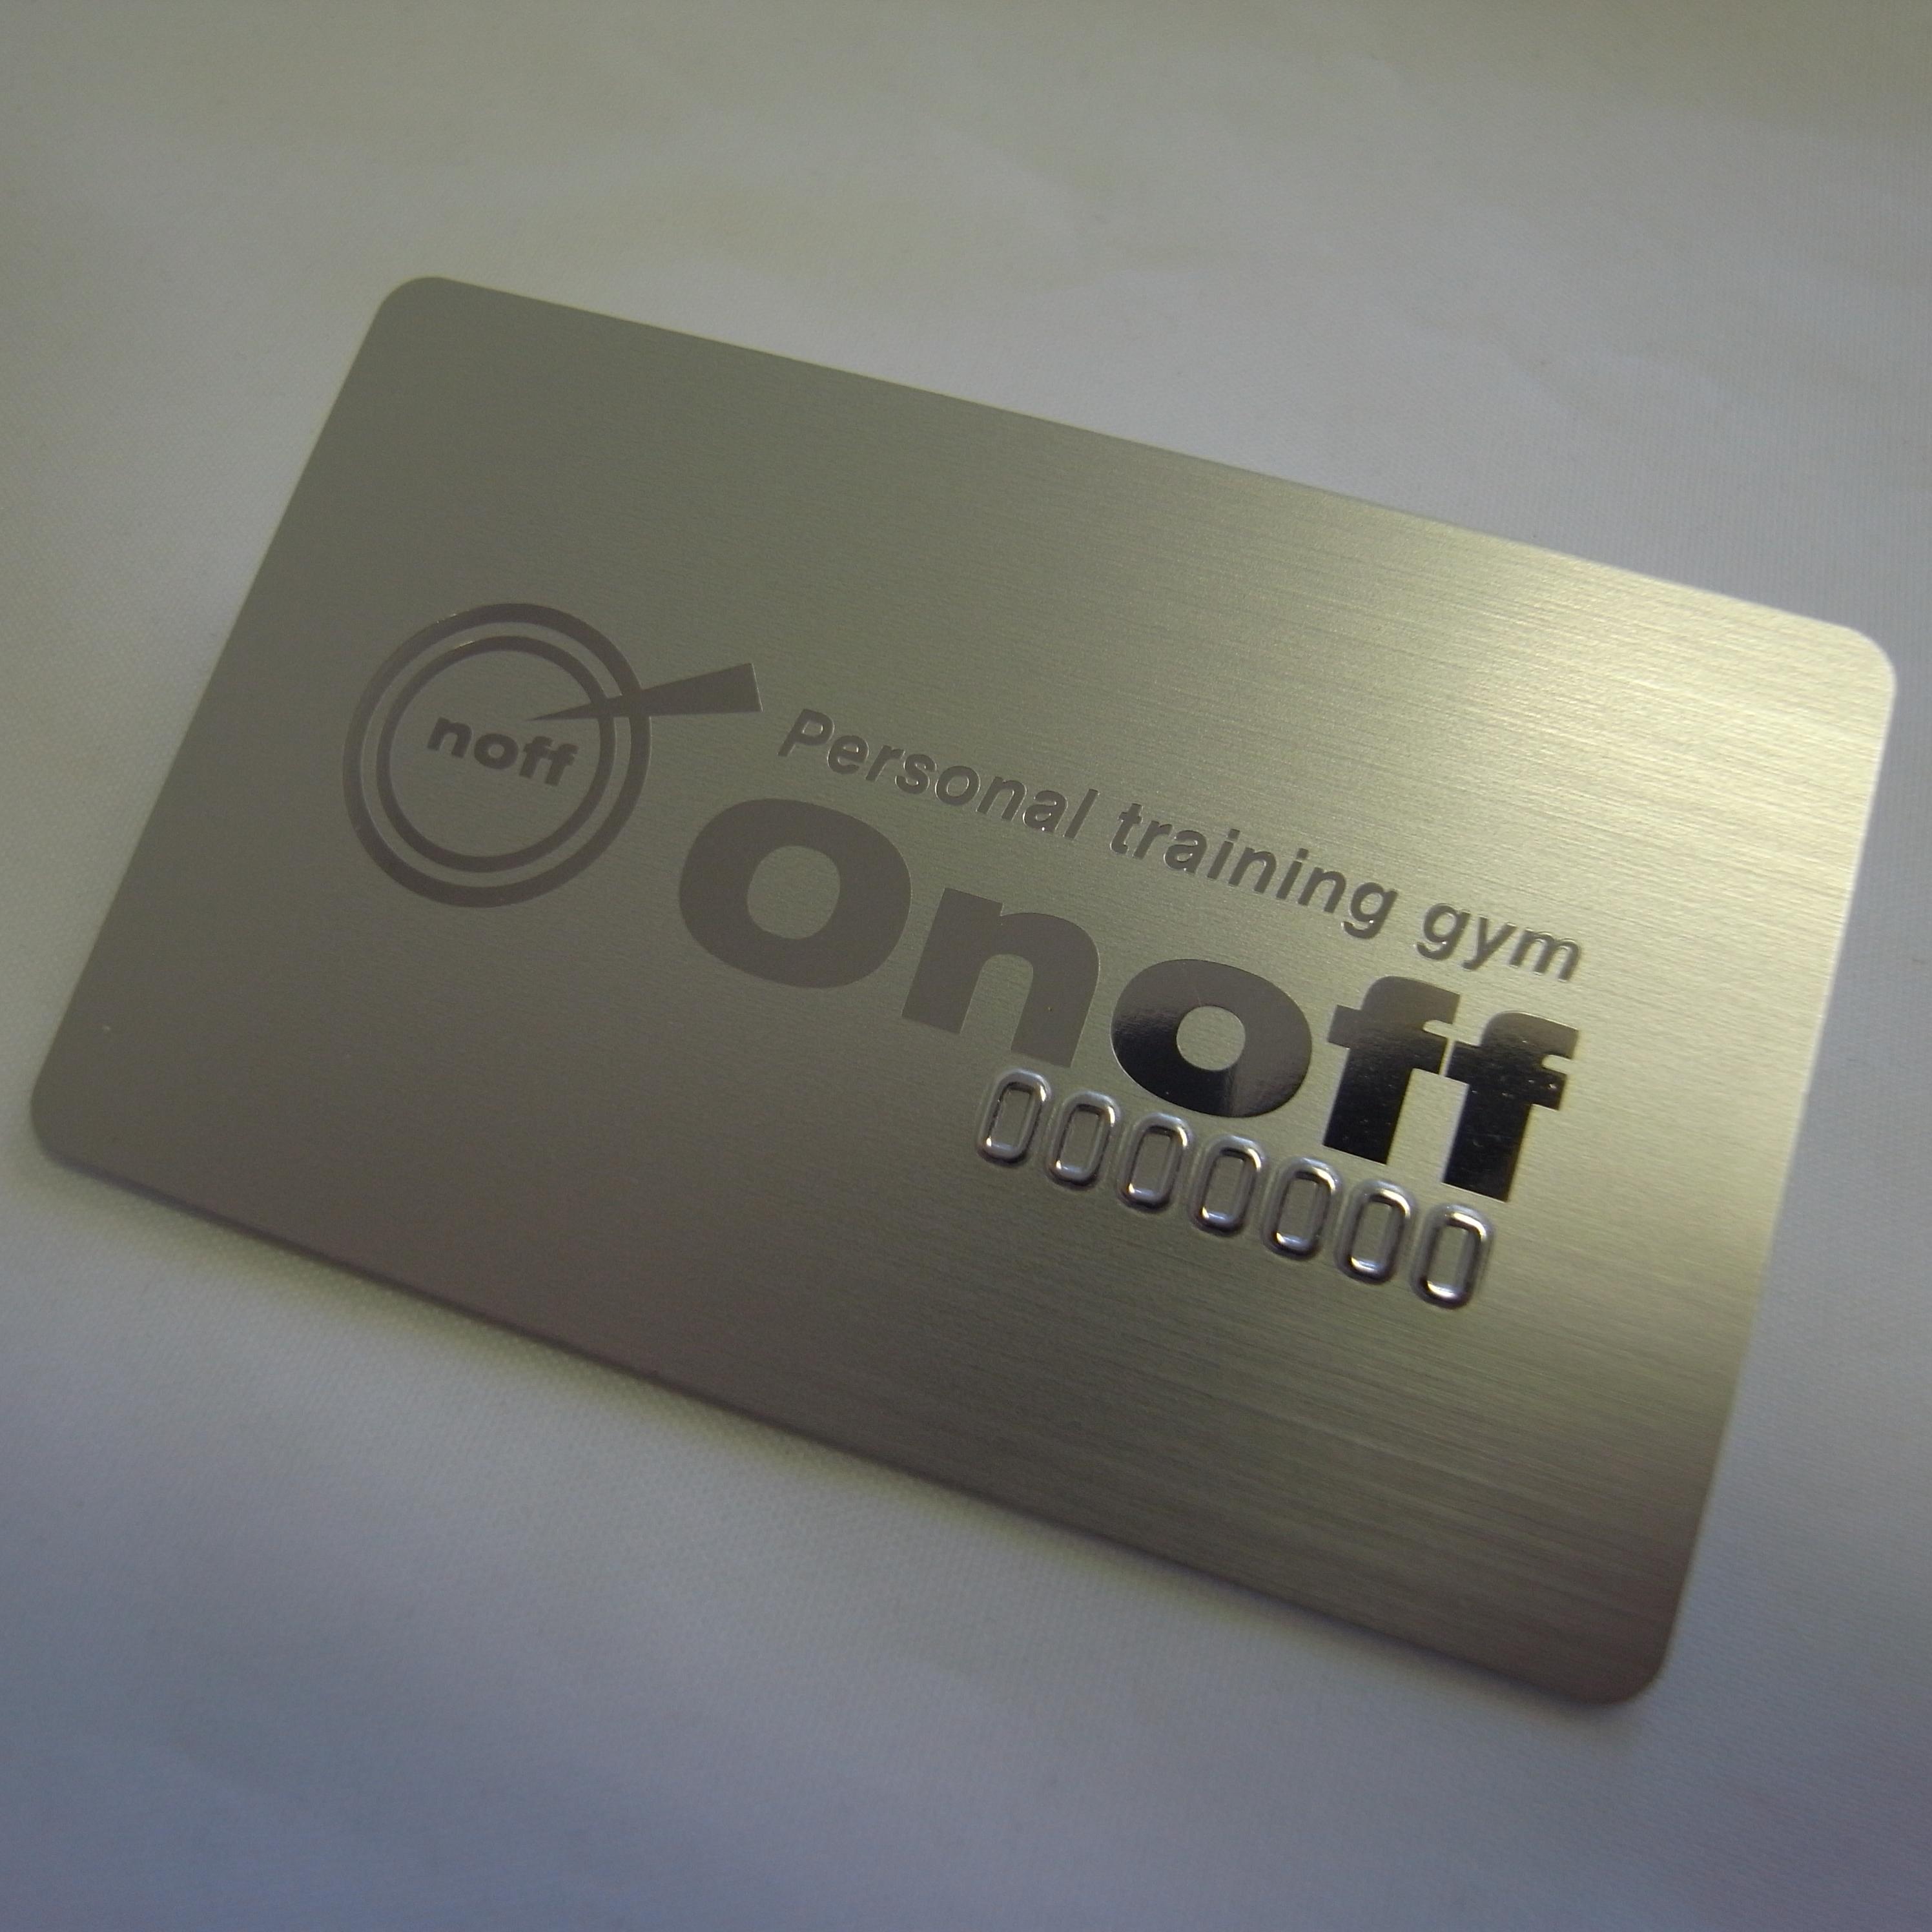 Onoffメンバーズカード